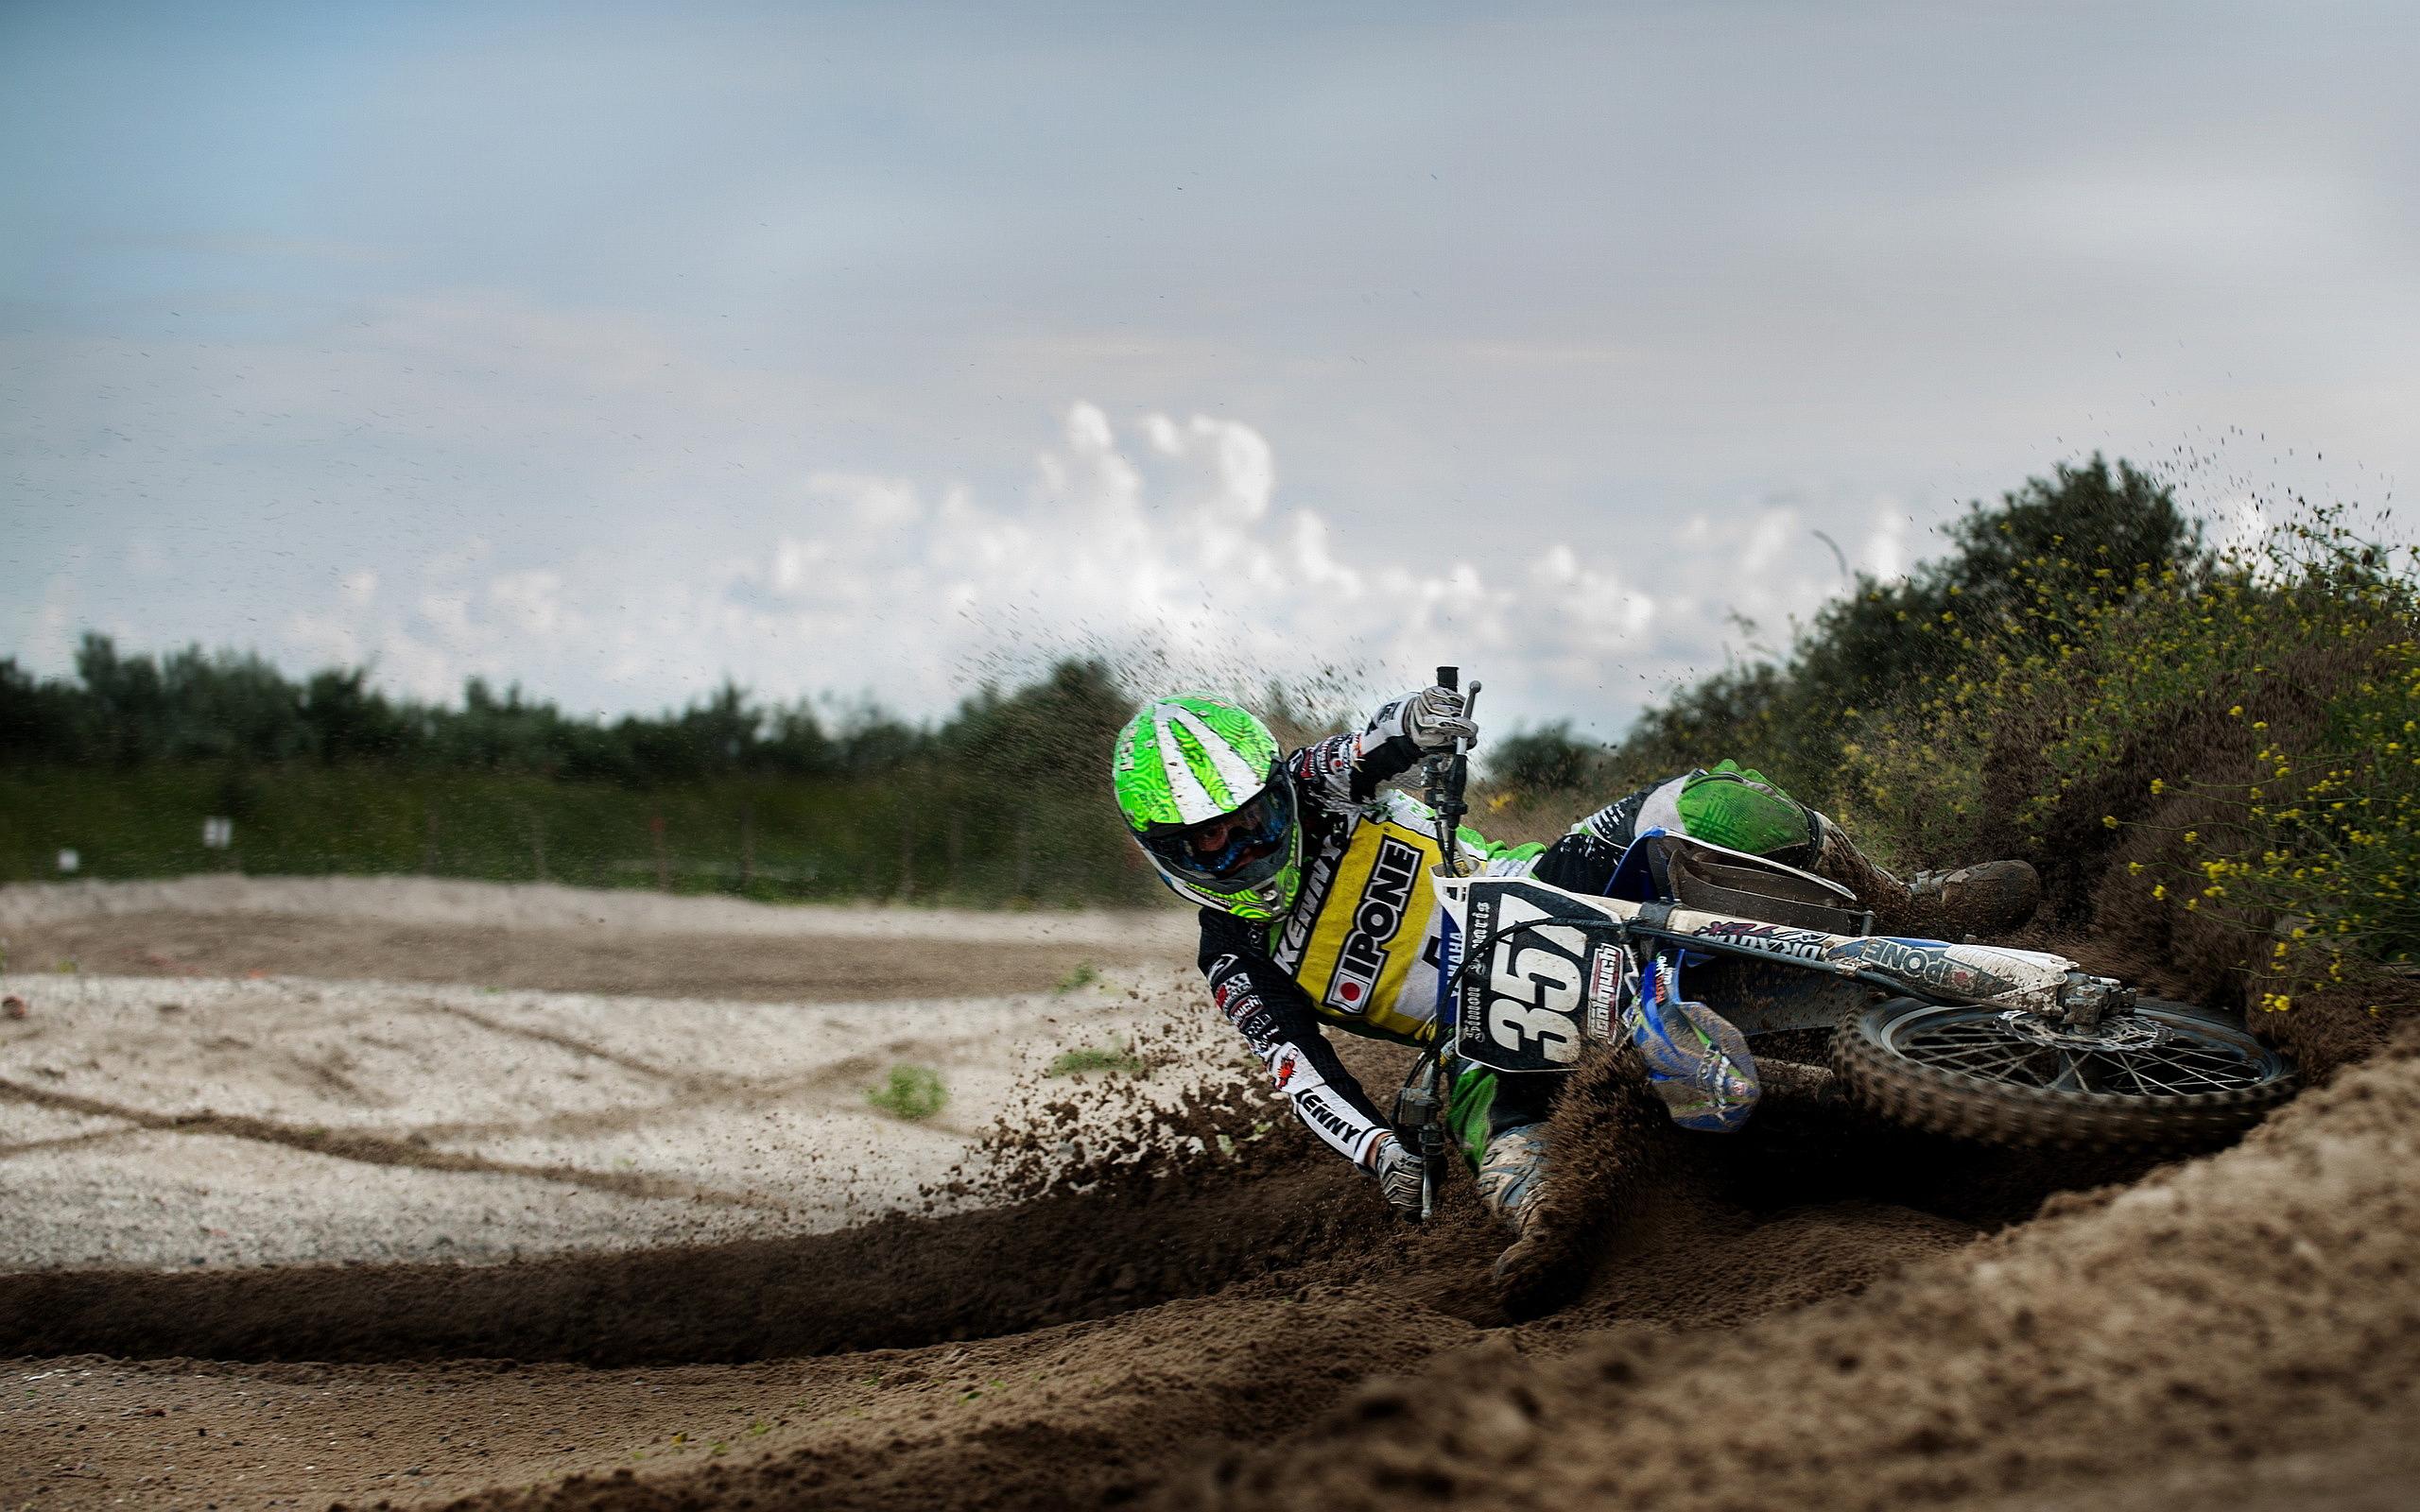 Suzuki Motocross Wallpapers HD Wallpapers